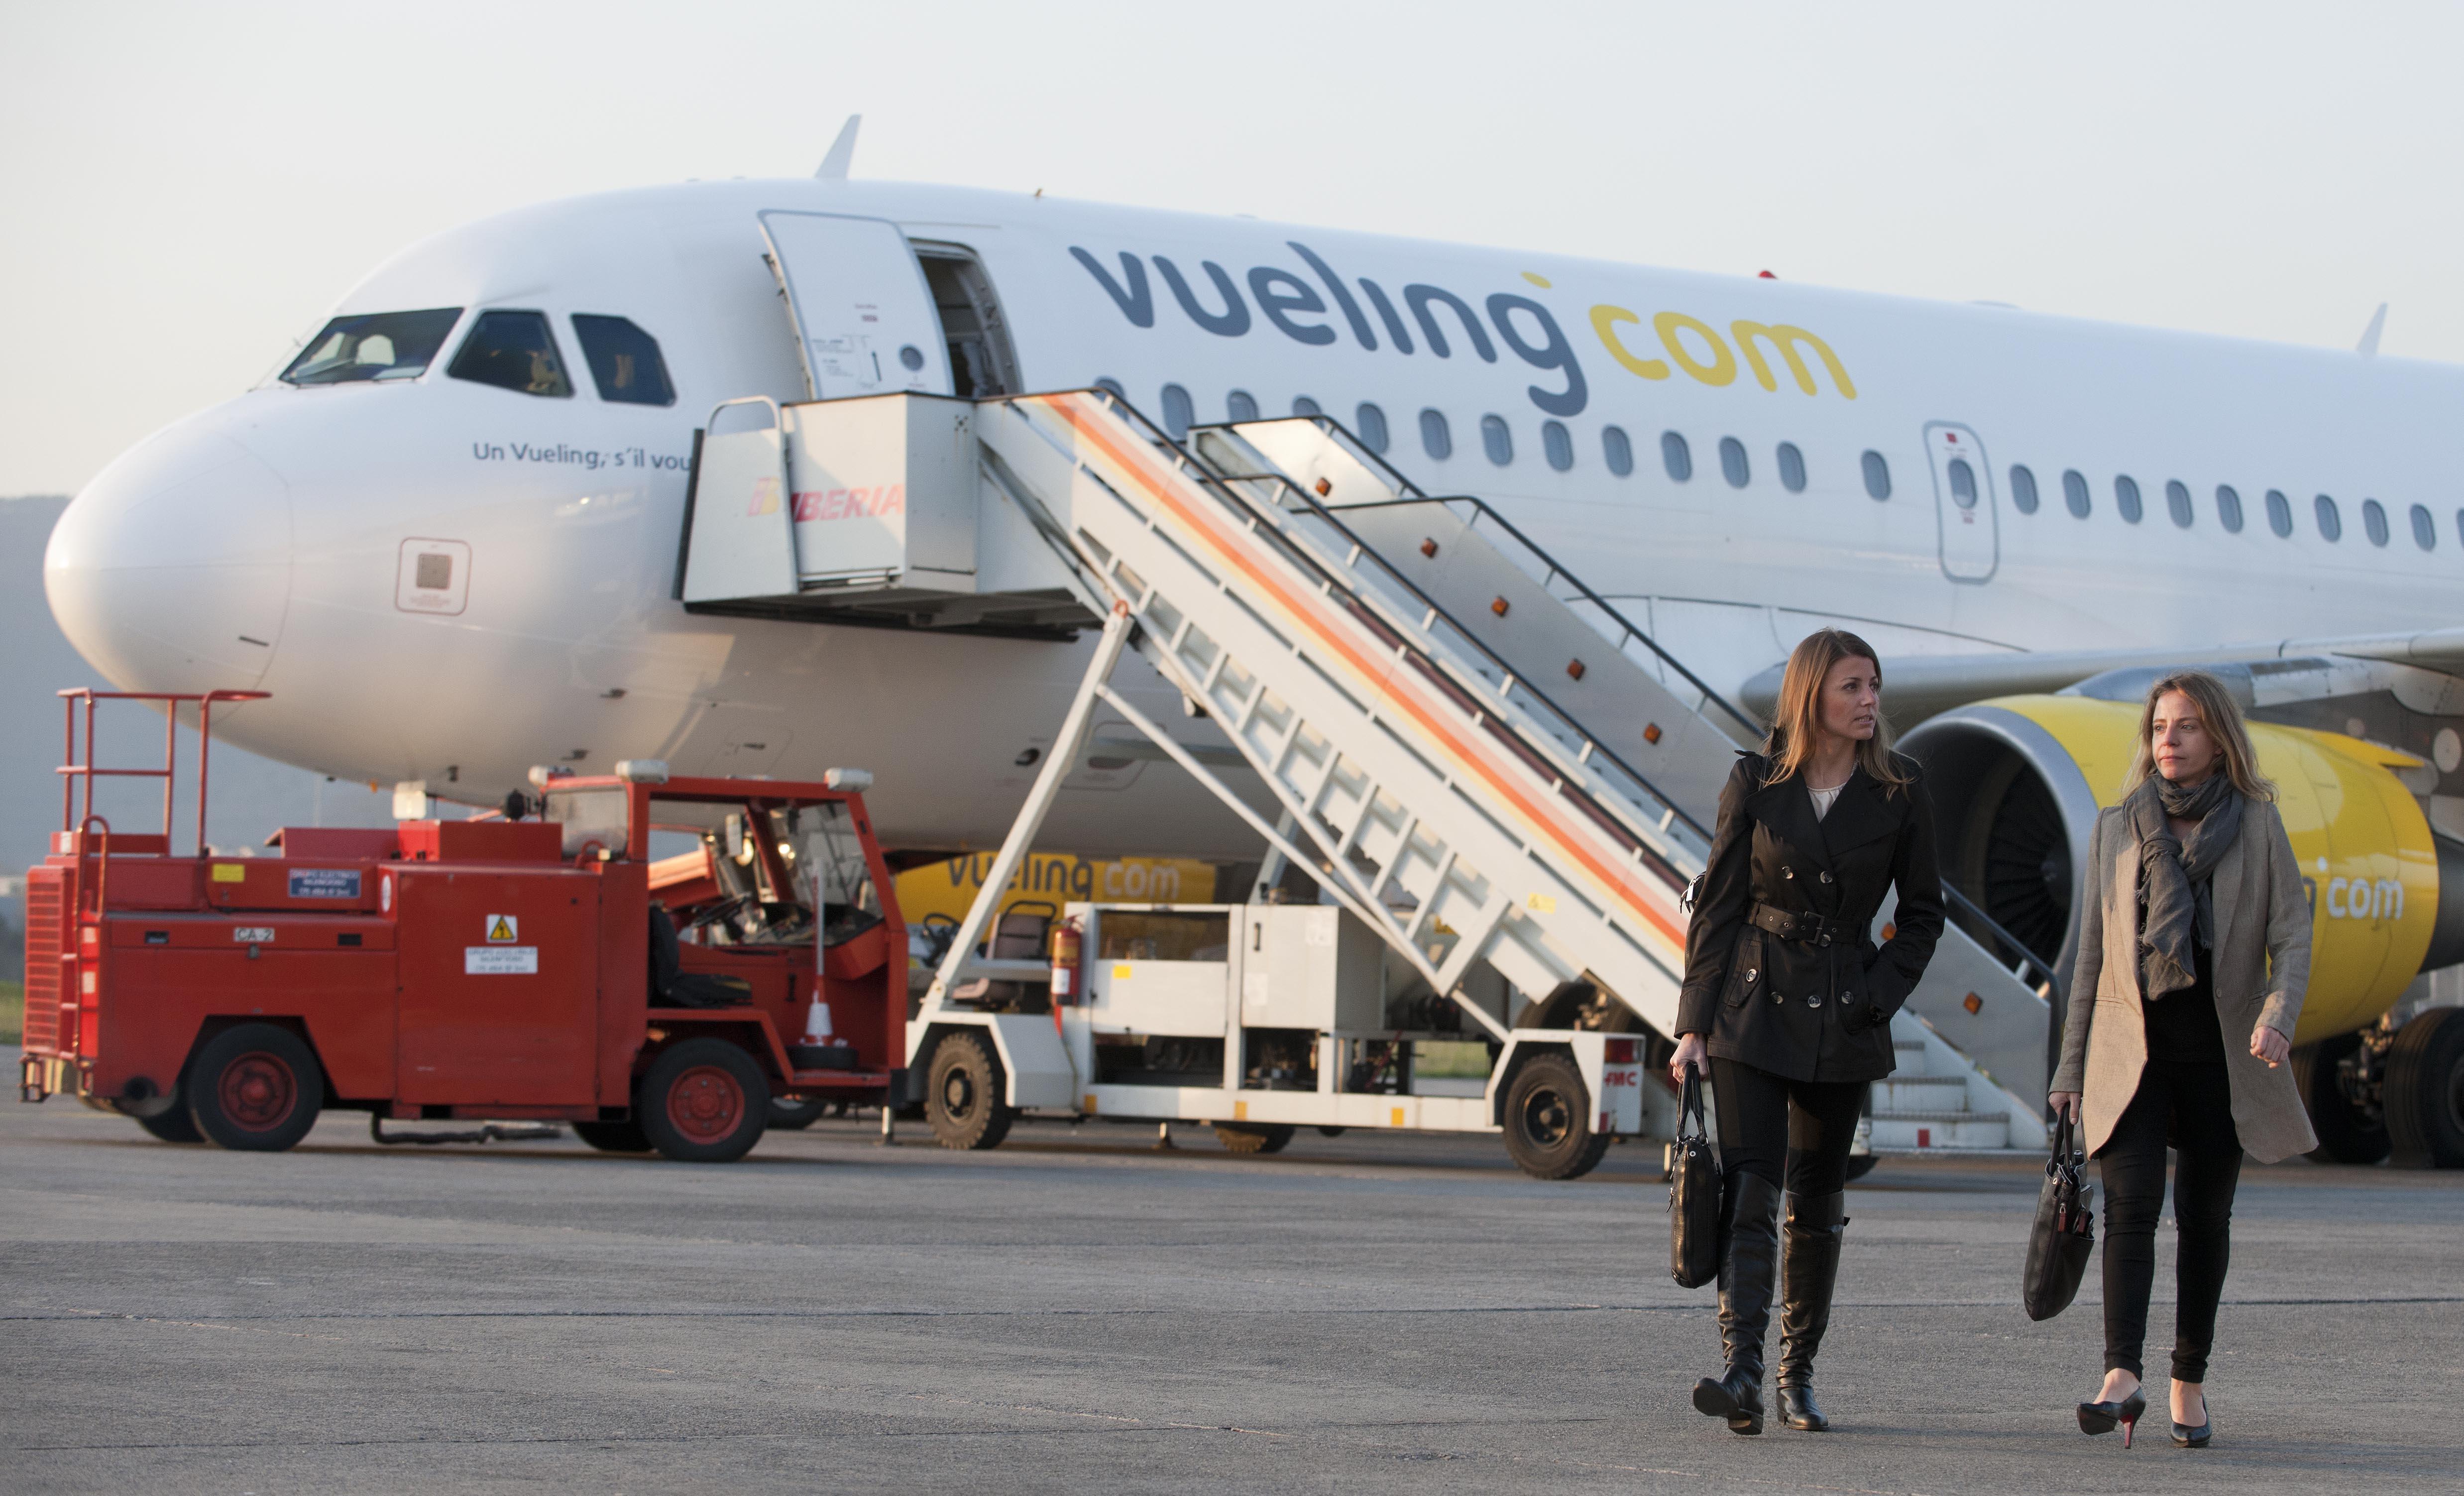 2012_03_30_gasco_vueling_hondarribia_barcelona_09.jpg